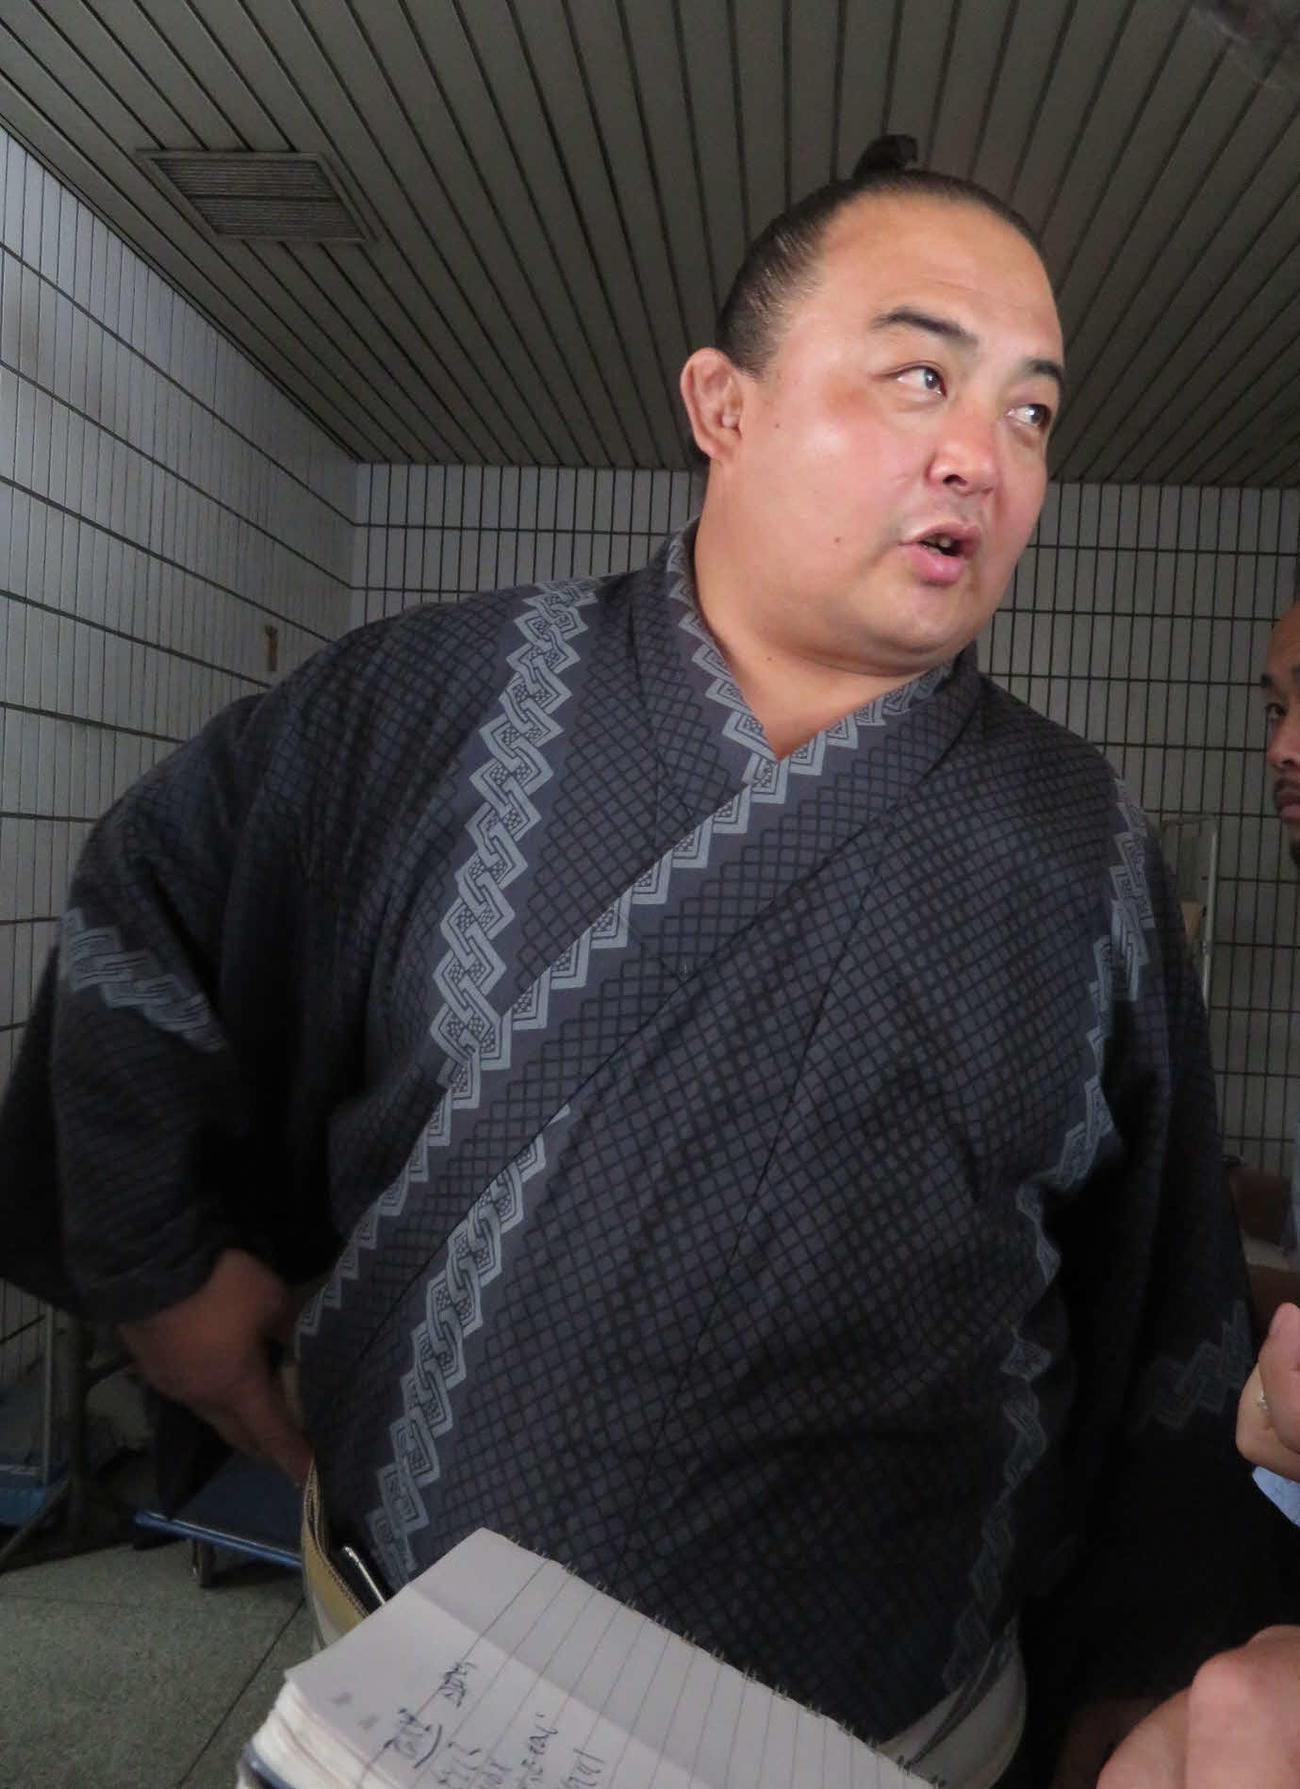 蒼国来が日本国籍を取得「2年前から決めていた」 - 大相撲 : 日刊スポーツ